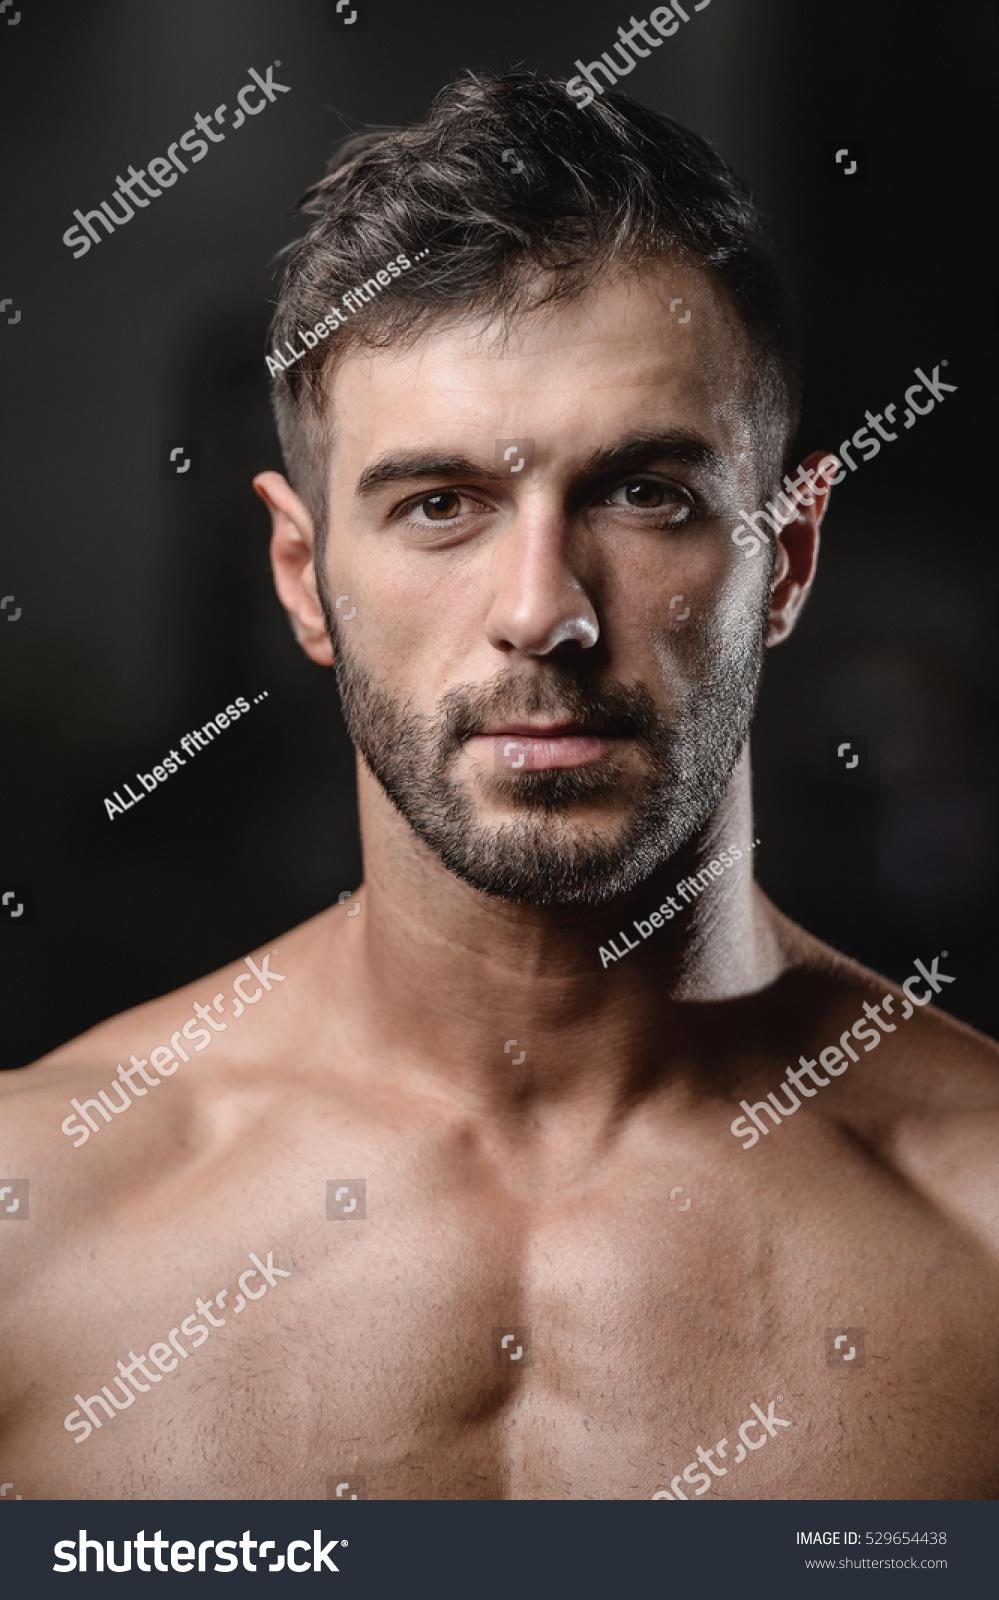 Čudoviti moški se uprizorijo v portretu na fotografiji 529654438 - Avopixcom-6878